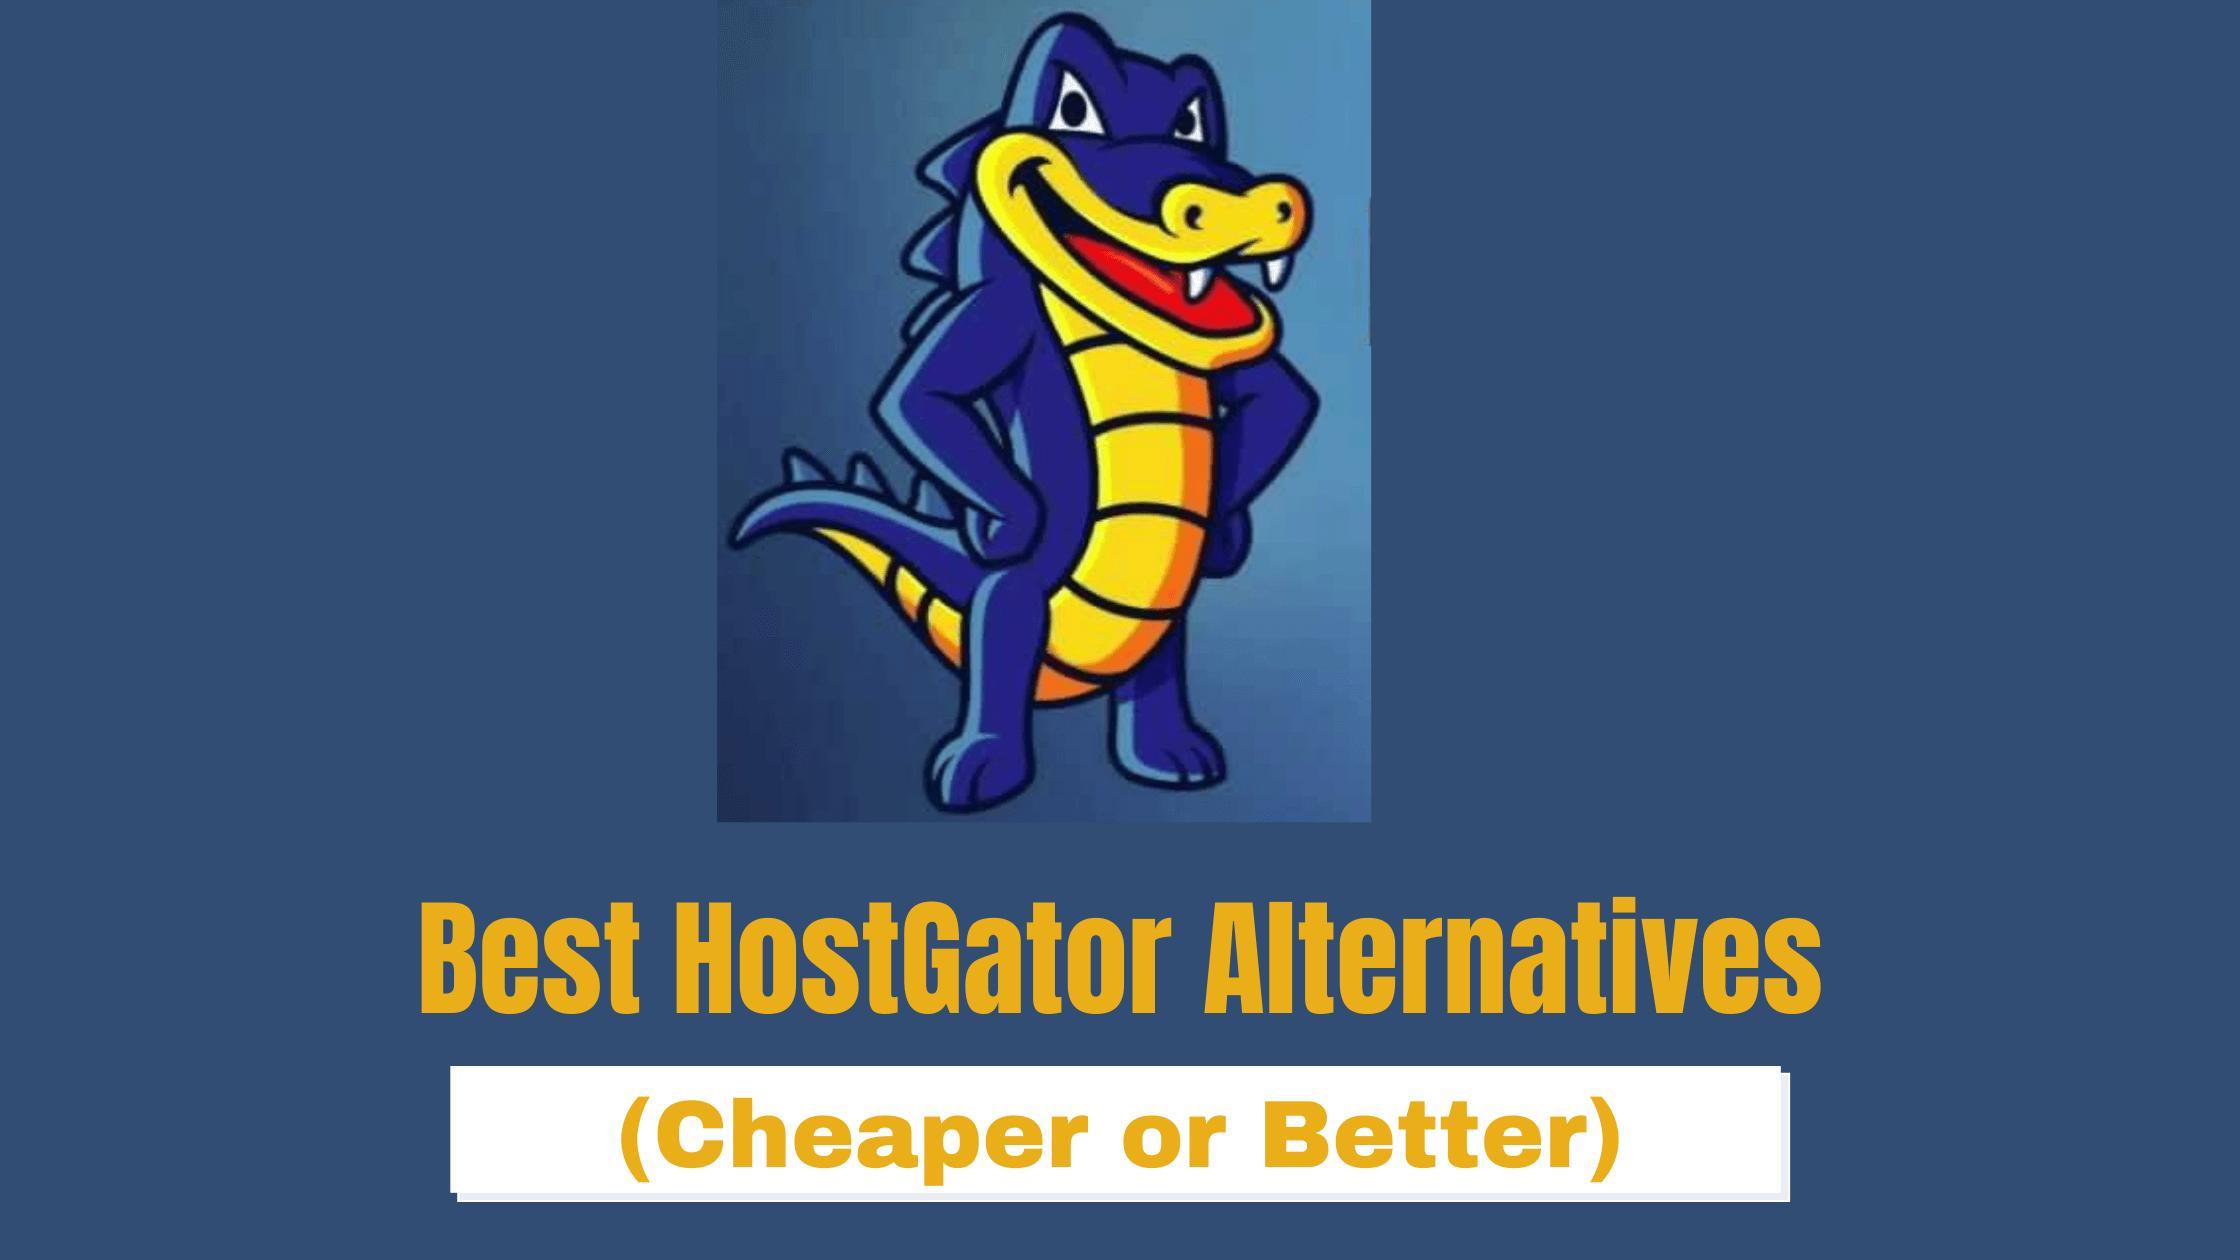 Las 6 mejores alternativas de HostGator en 2021 [#1 Is A Steal]